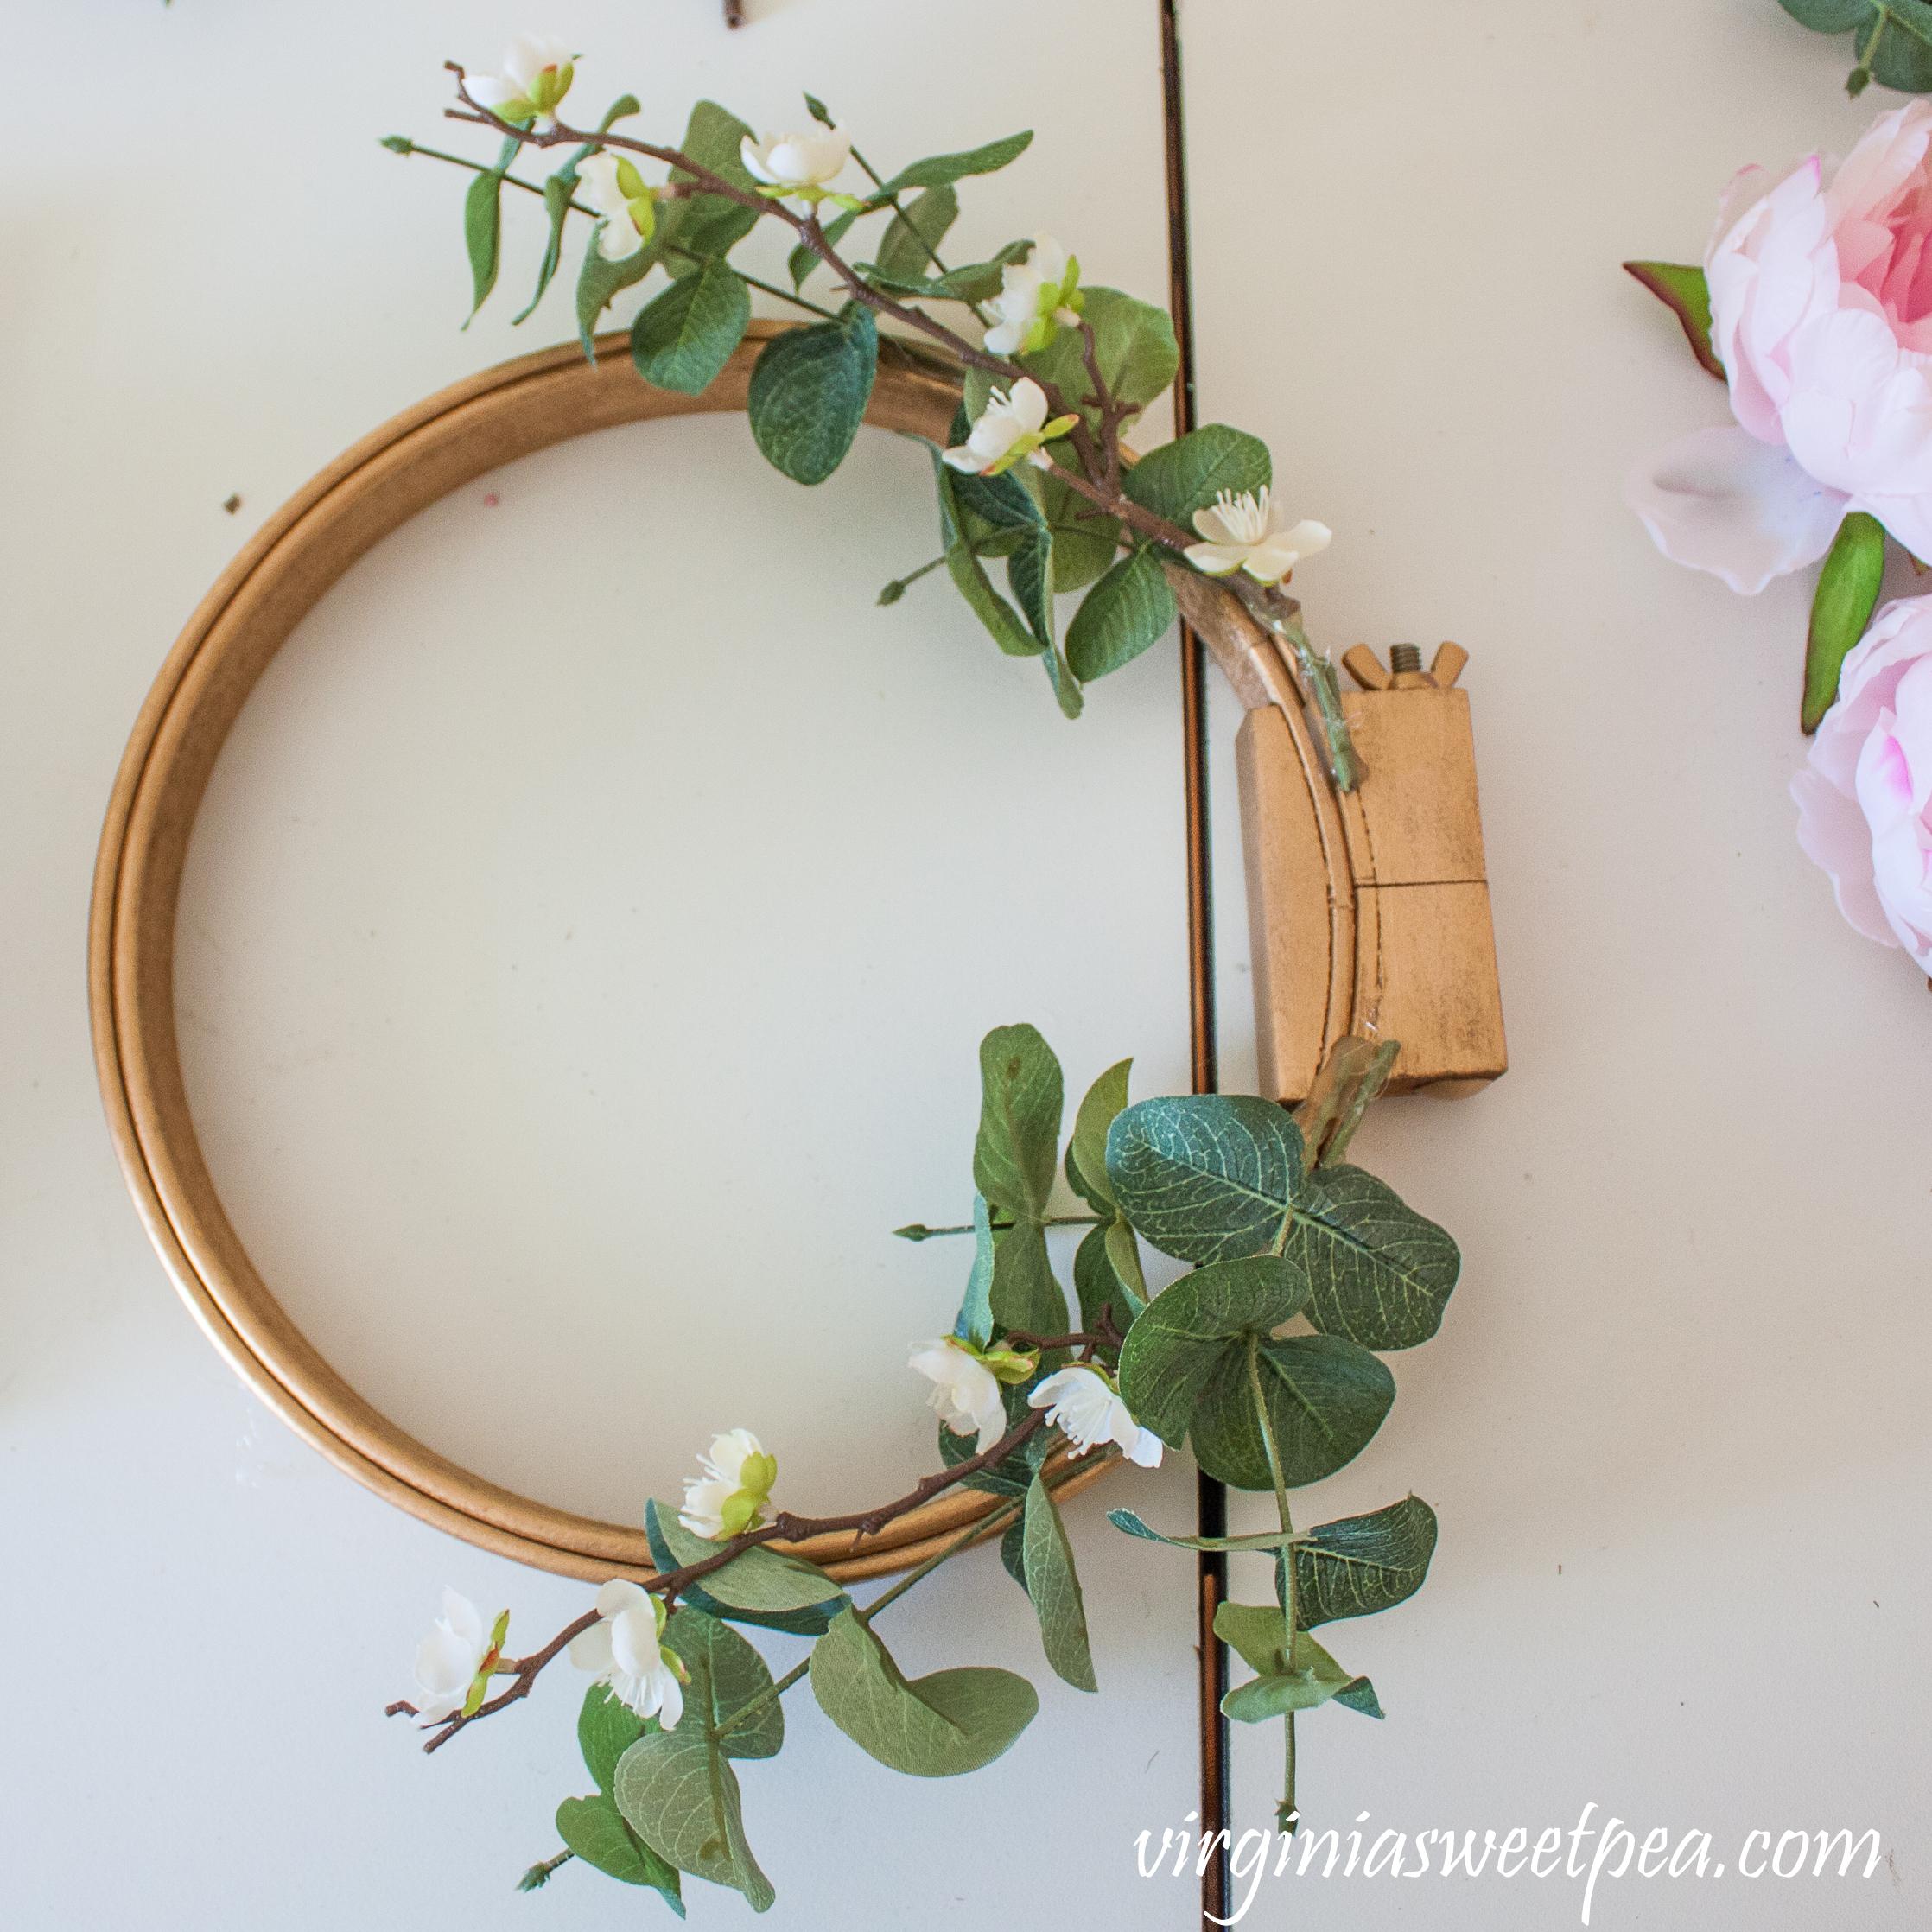 DIY embroidery hoop wreath tutorial